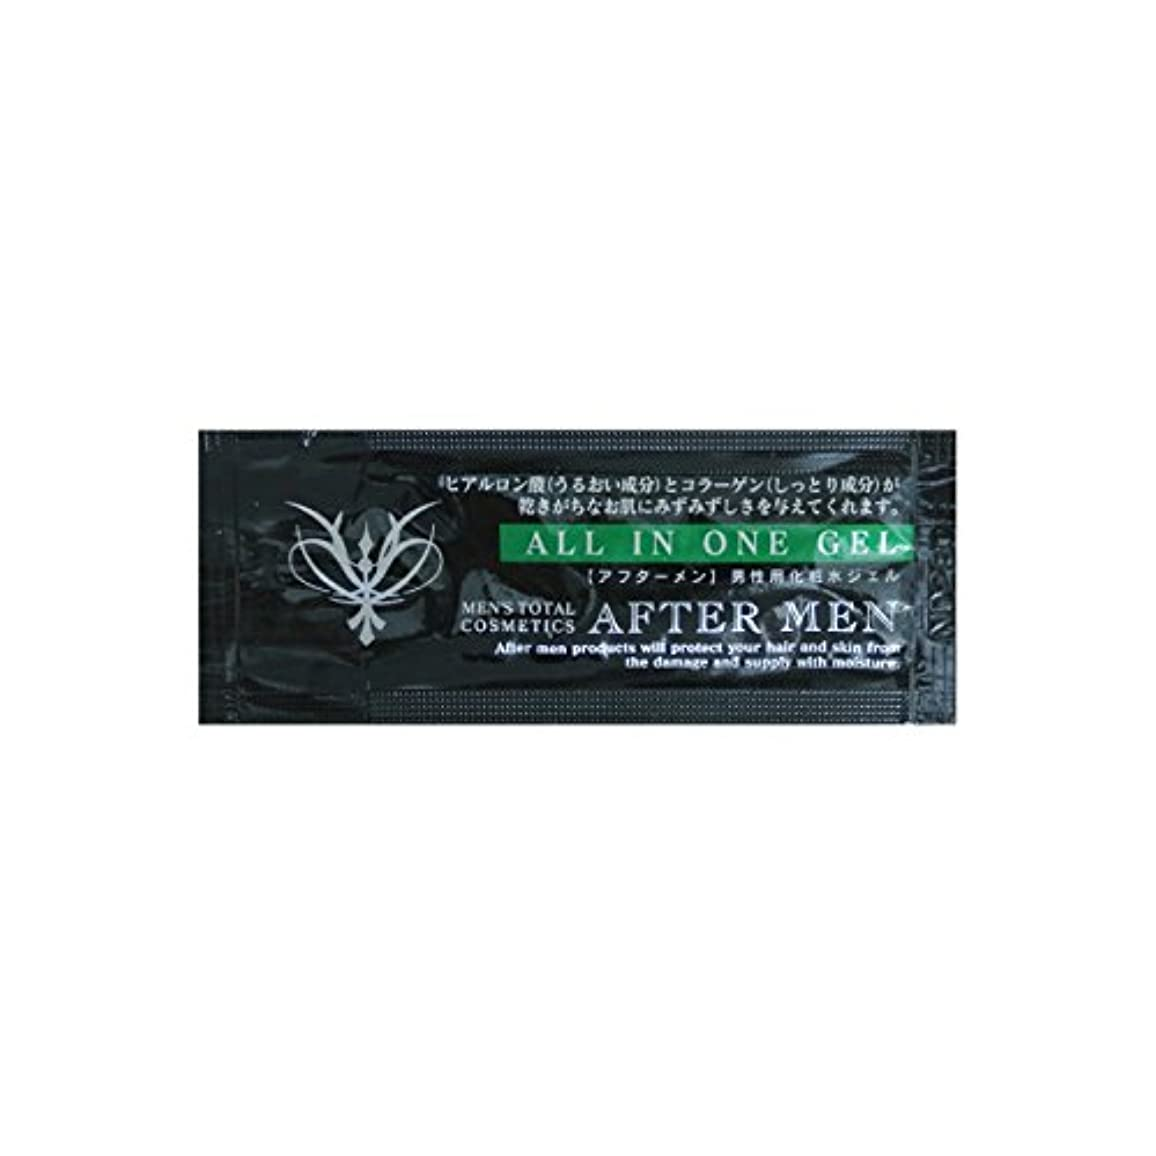 形容詞アルネ円形のアフターメン オールインワンジェル化粧水 200包